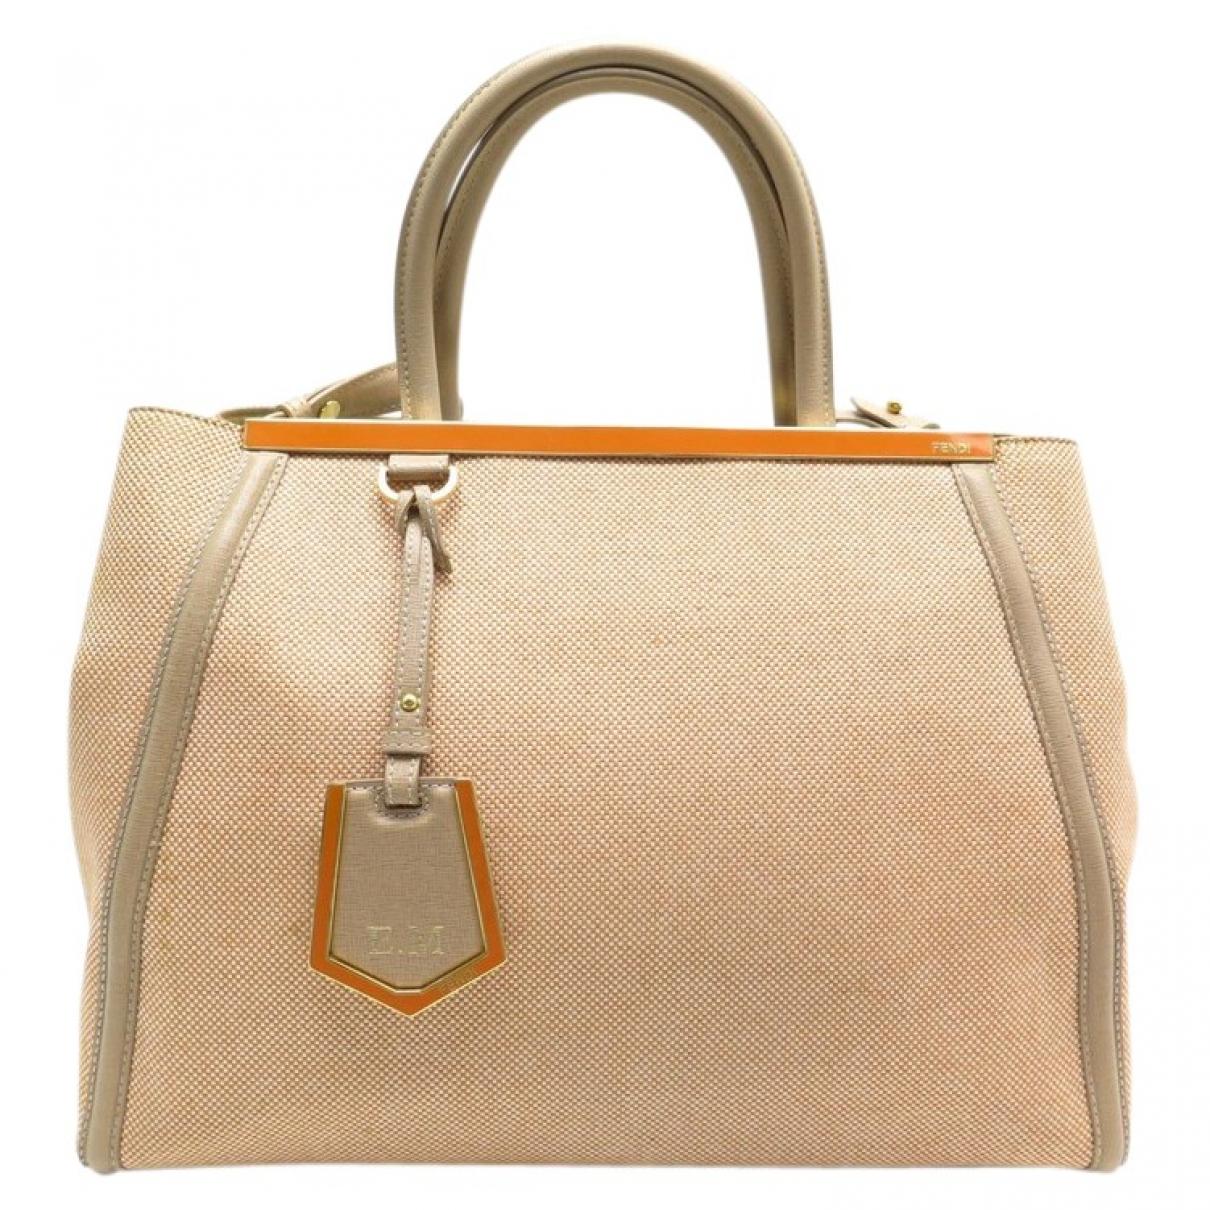 Fendi 2Jours Orange Cloth handbag for Women \N